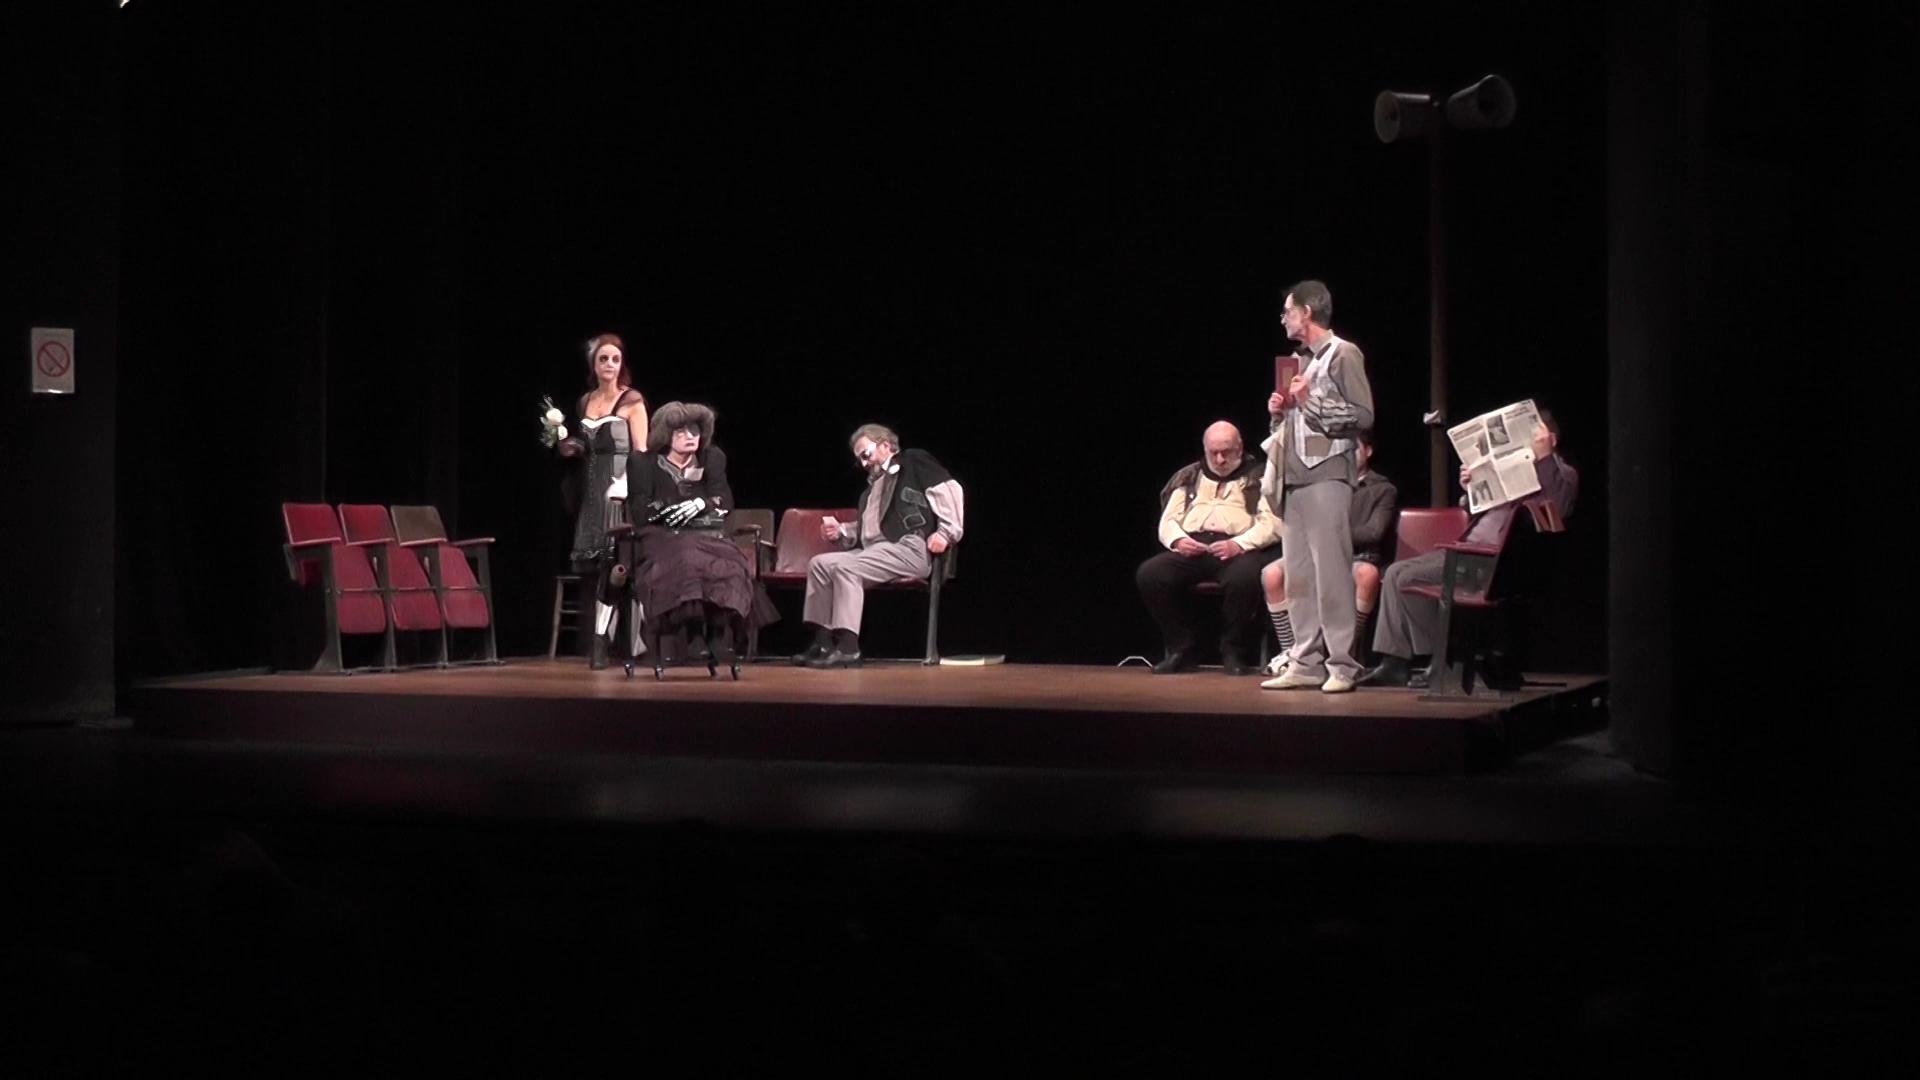 """Premijera predstave """"Familija, Čin III scena 14"""" u Kruševačkom pozorištu"""